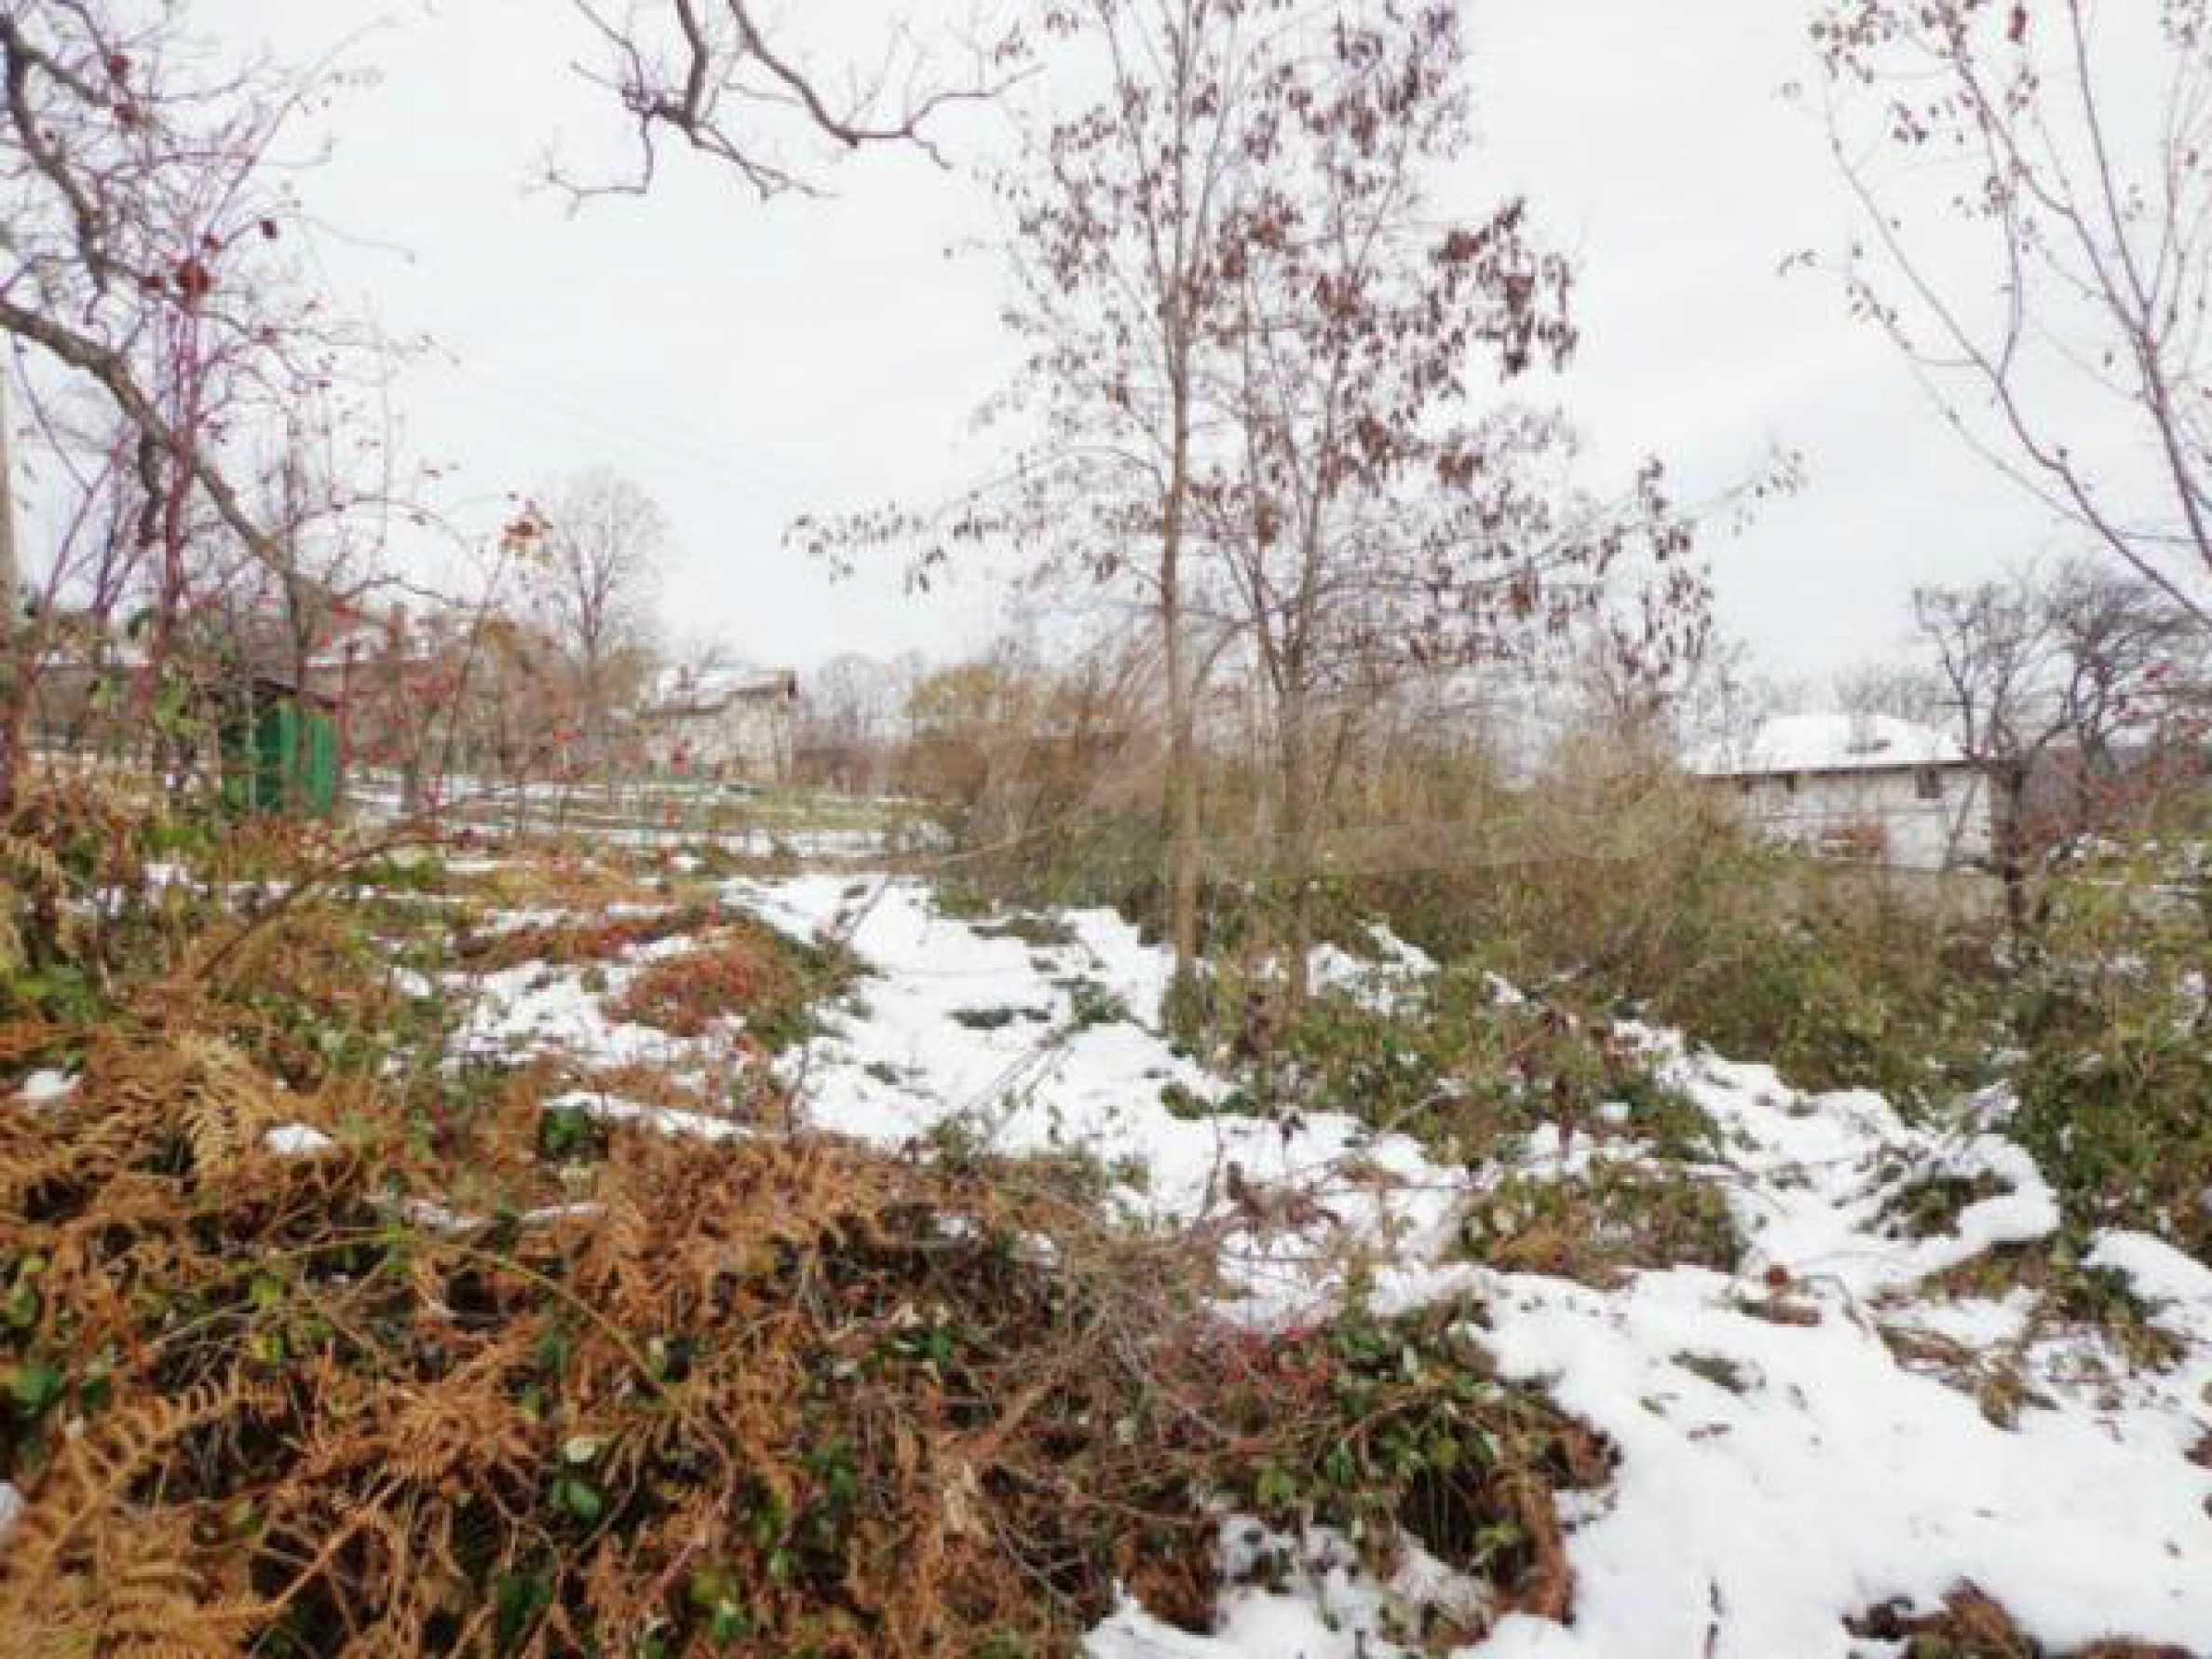 Grundstück zum Verkauf in einem Dorf 5 km von Tryavna entfernt 7